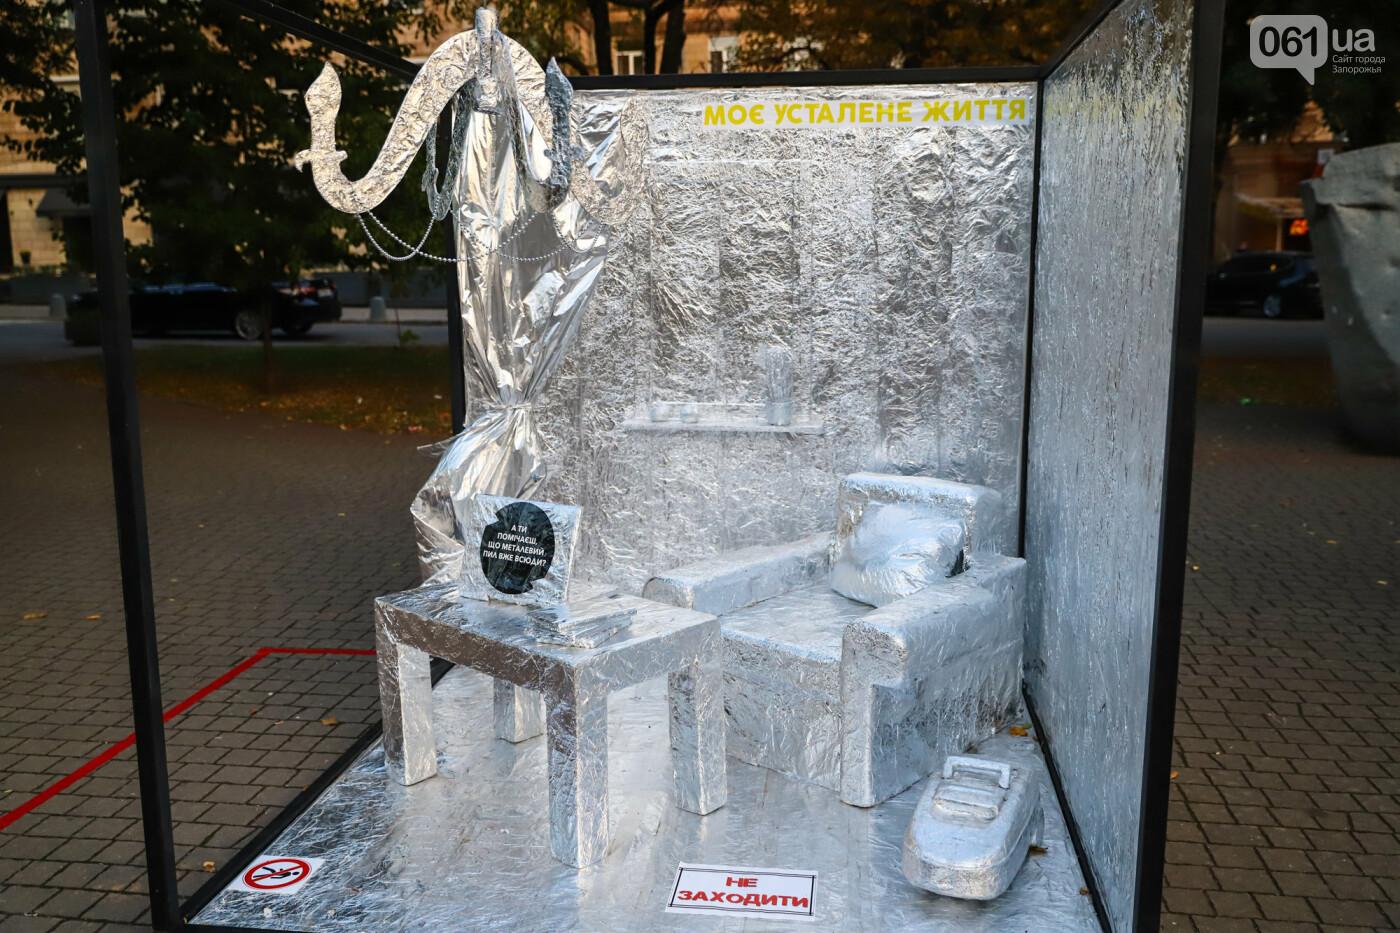 Огромная стиральная машина и комната из фольги: в центре Запорожья открылась эко-выставка, - ФОТОРЕПОРТАЖ , фото-7